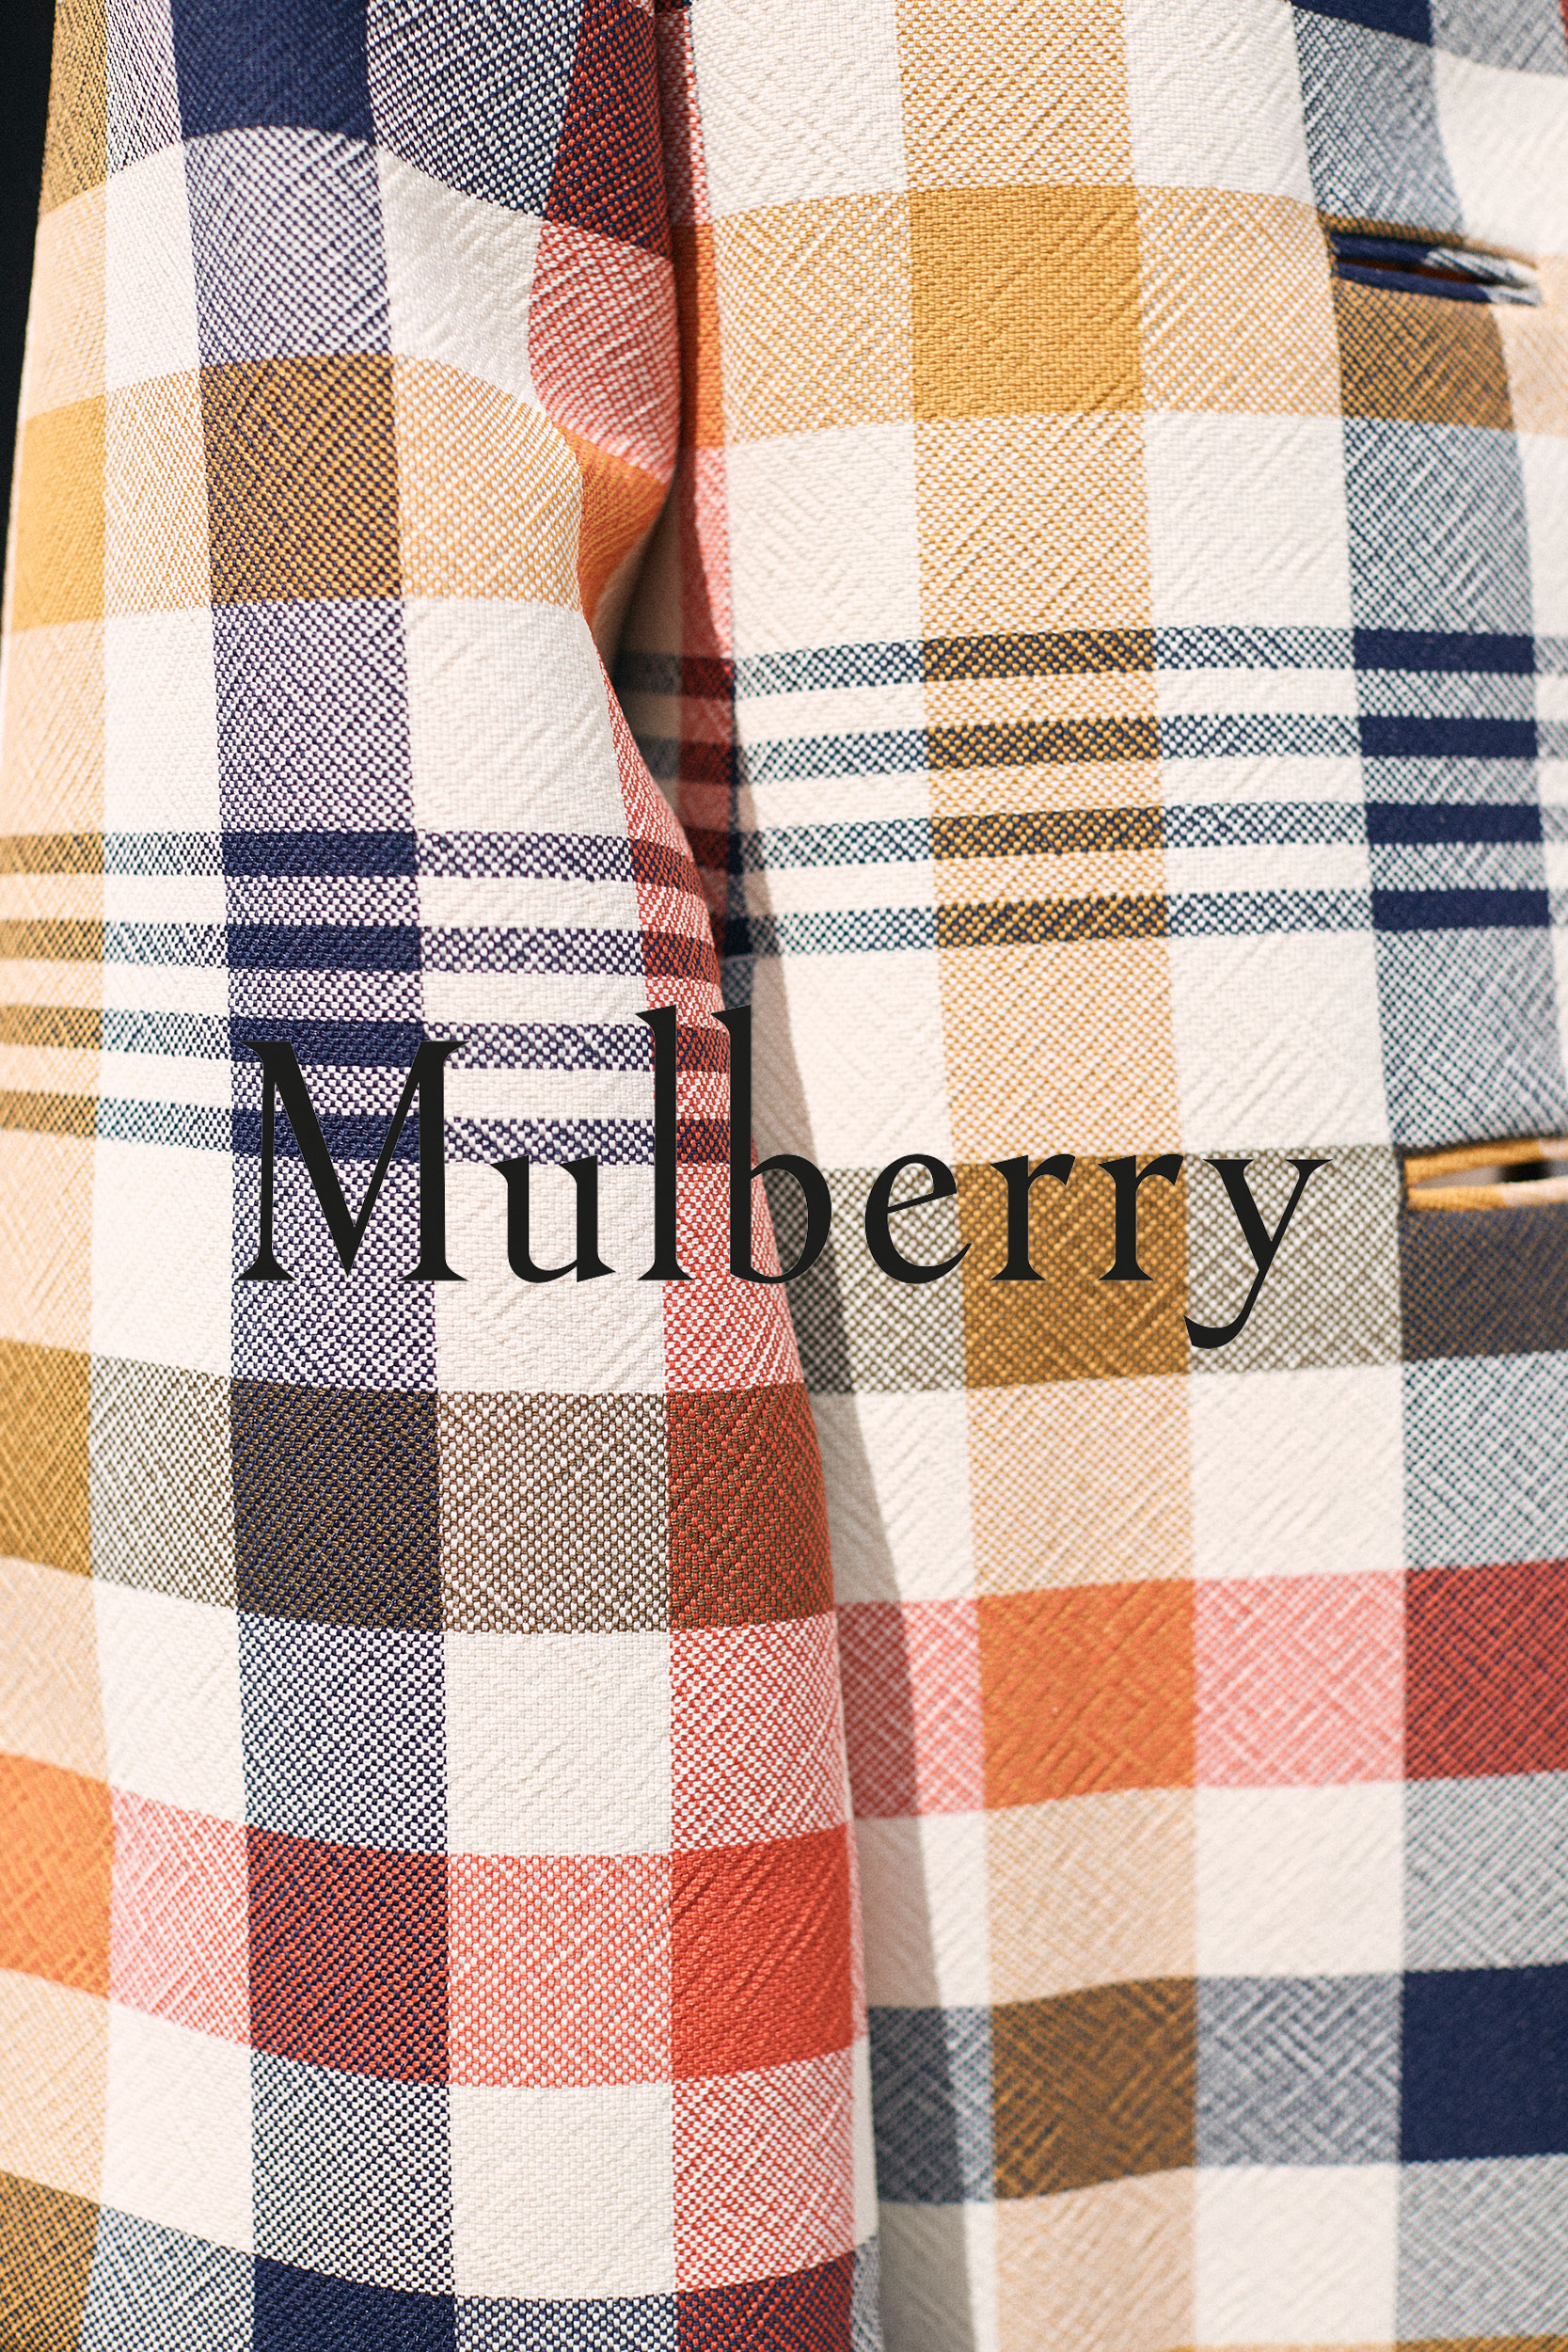 Mulberry_FINAL_Edit_057.jpg